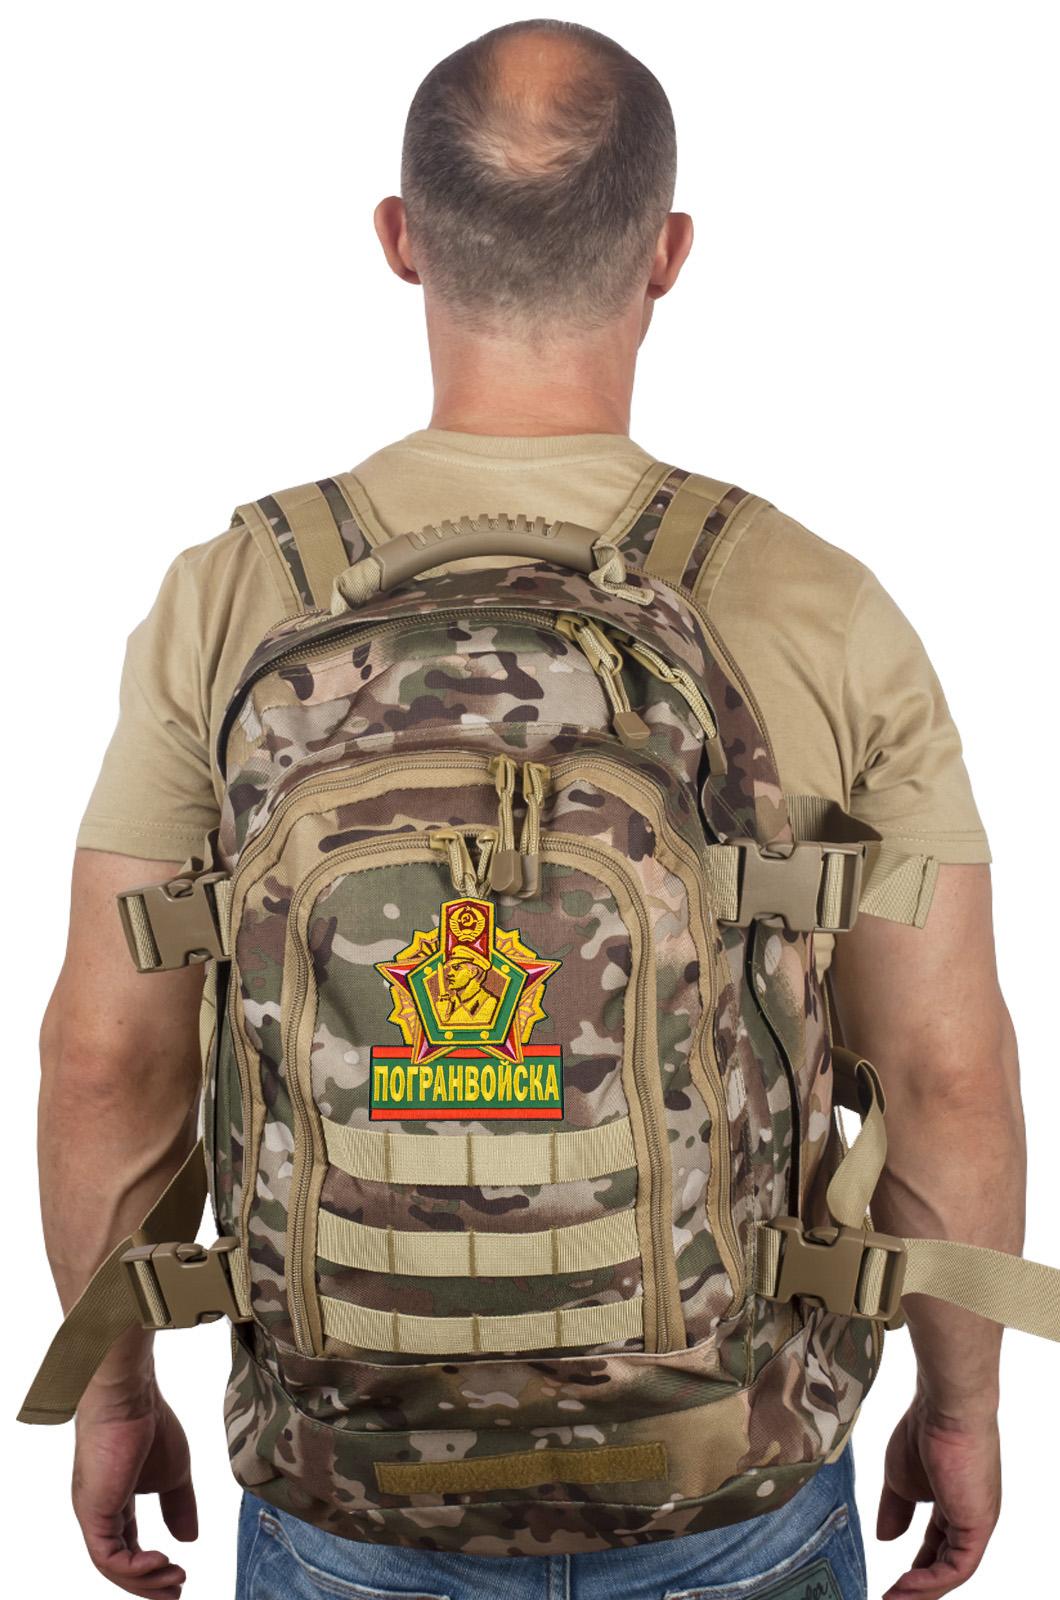 Сколько стоит хороший мужской рюкзак? В Военпро очень недорого